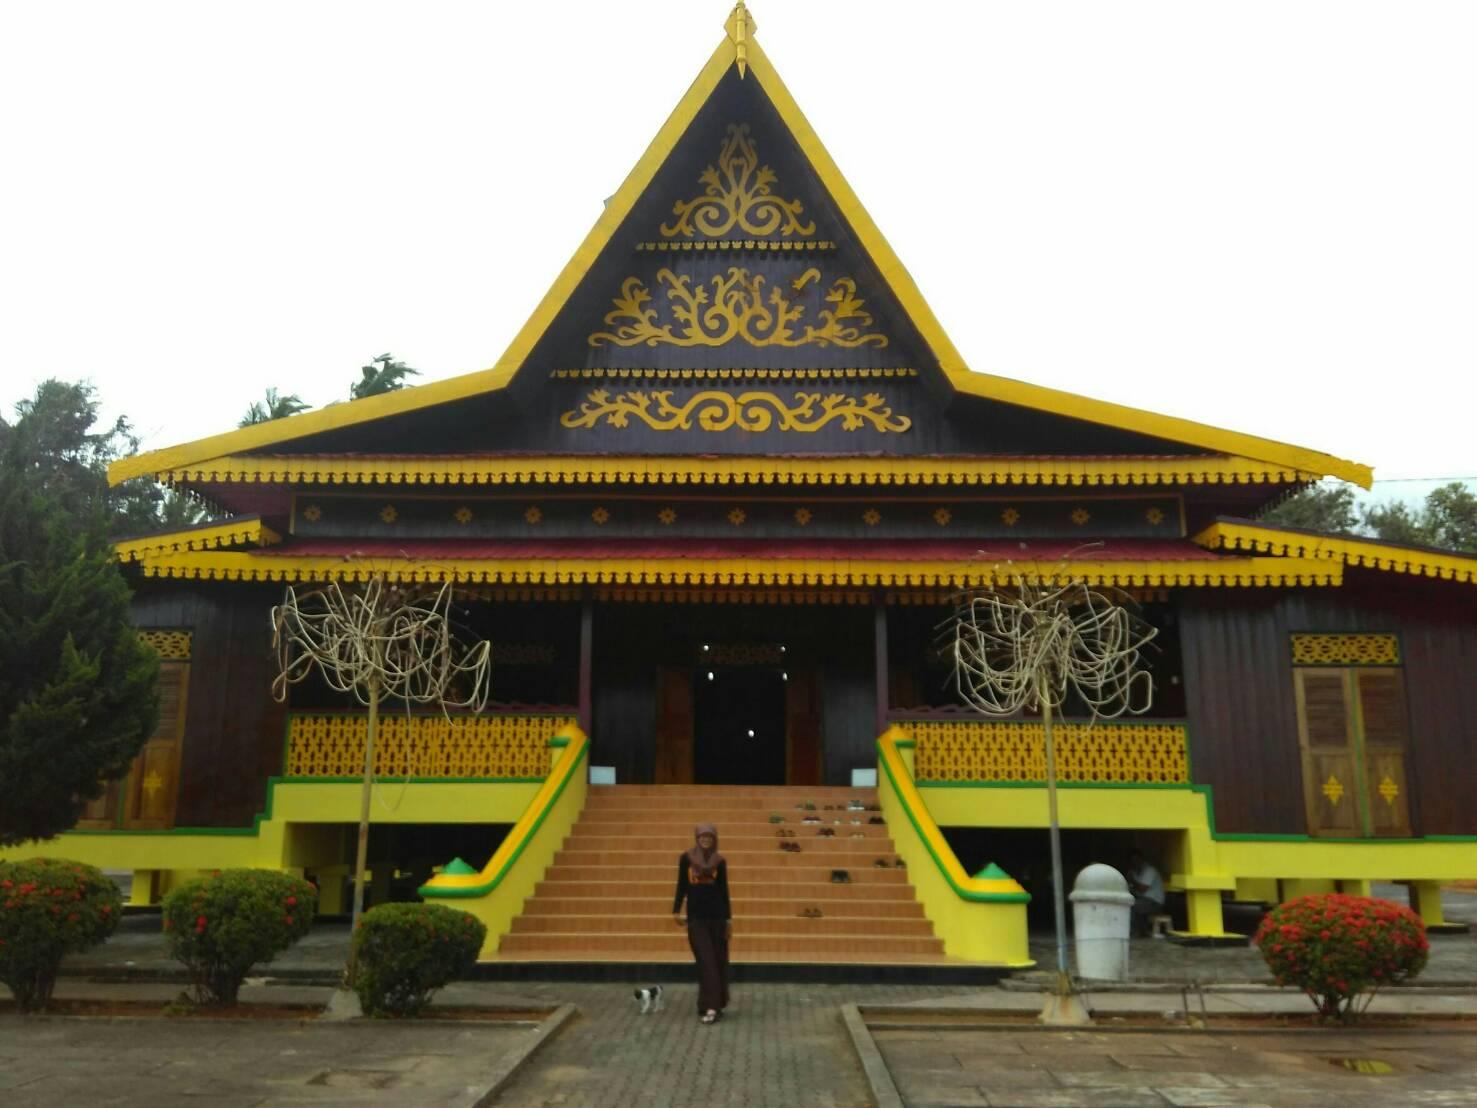 Berwisata Sembari Belajar Pulau Penyengat Muda Salah Bukit Kursi Kota